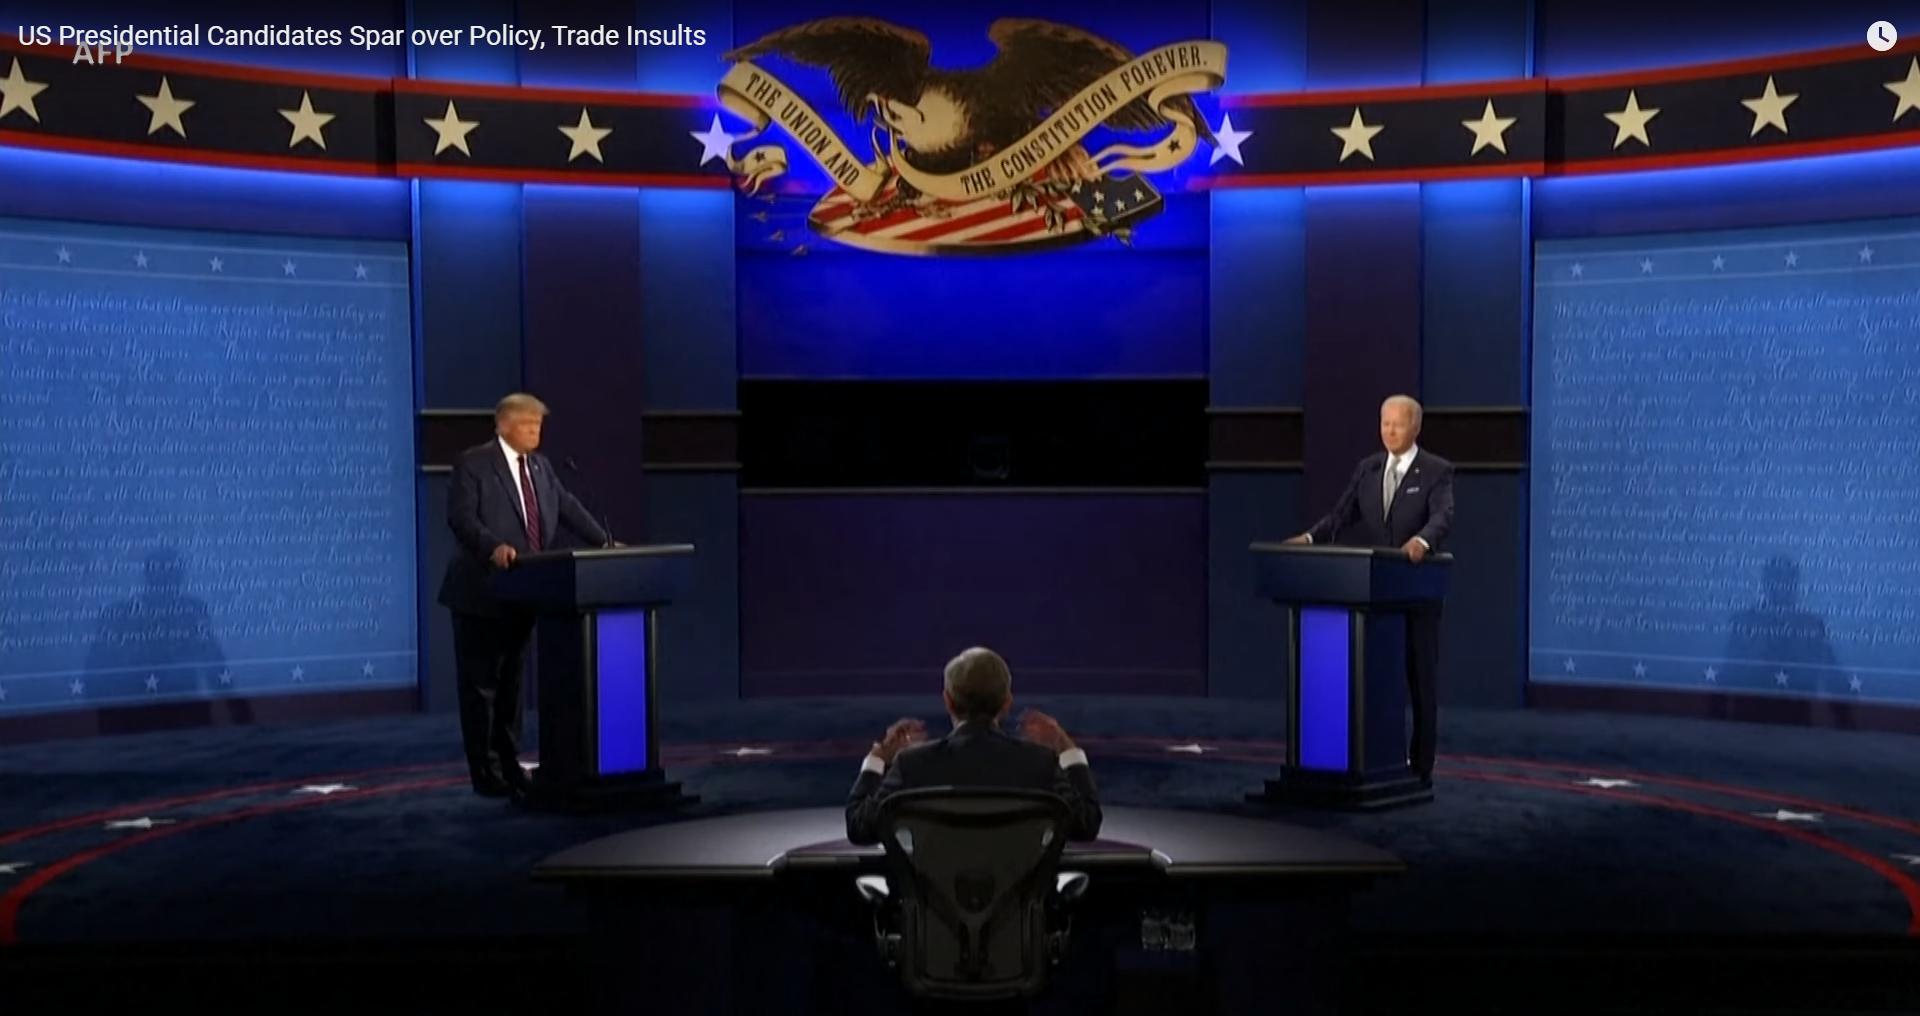 IMAGEM: Trump rejeita mudança de regras em debates com Biden